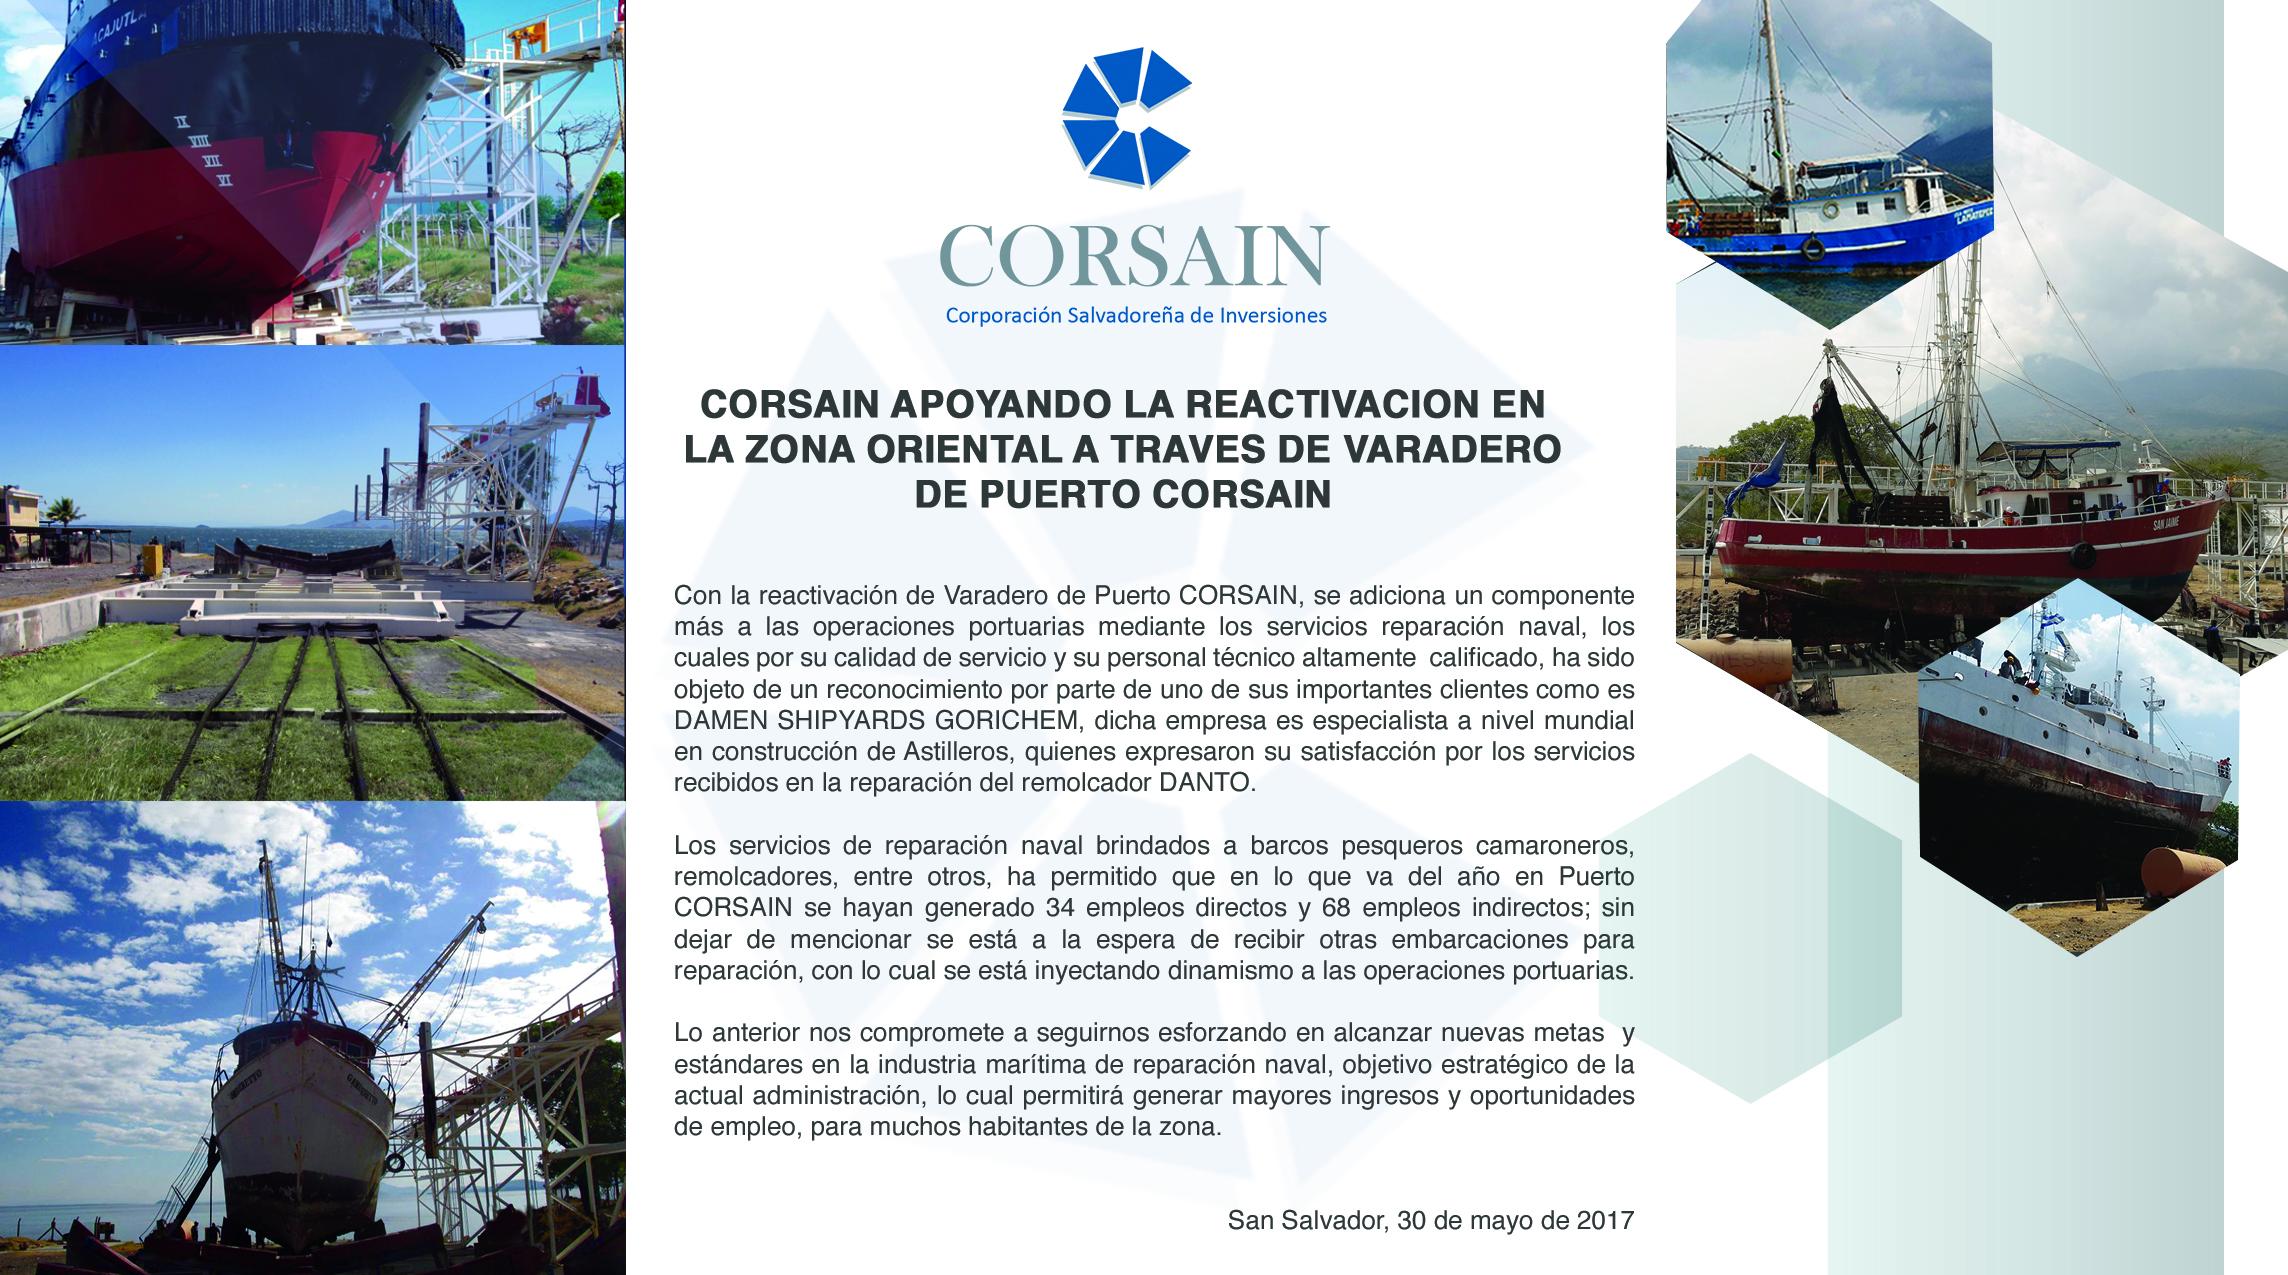 CORSAIN APOYANDO LA REACTIVACION EN LA ZONA ORIENTAL A TRAVES DE VARADERO DE PUERTO CORSAIN